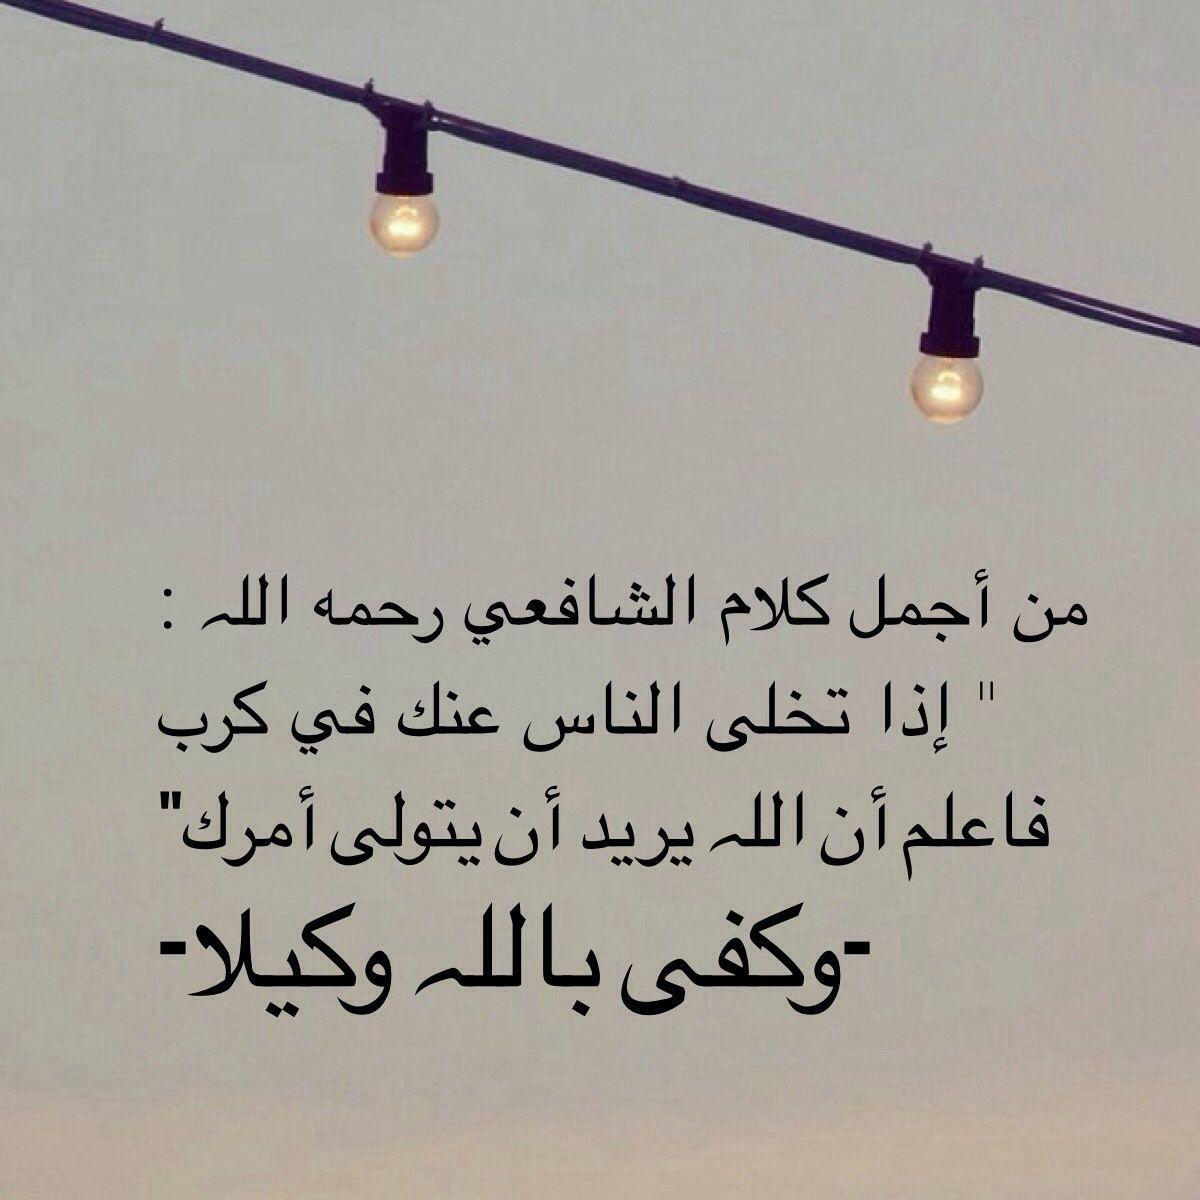 ونعم بالله Islamic Phrases Illustration Quotes Photo Quotes